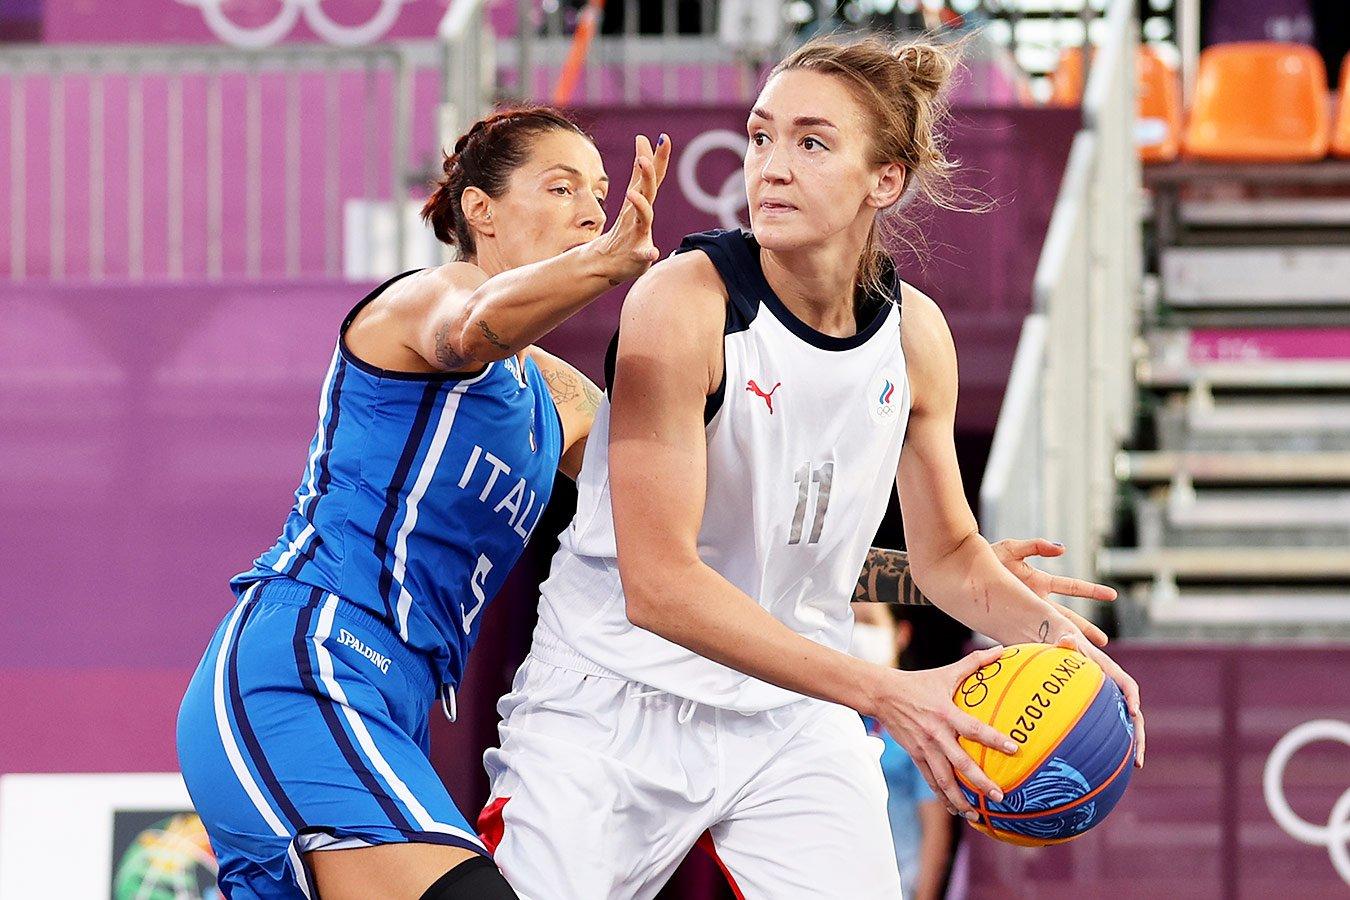 Женская сборная России по баскетболу 3х3 вышла в полуфинал Олимпиады в Токио